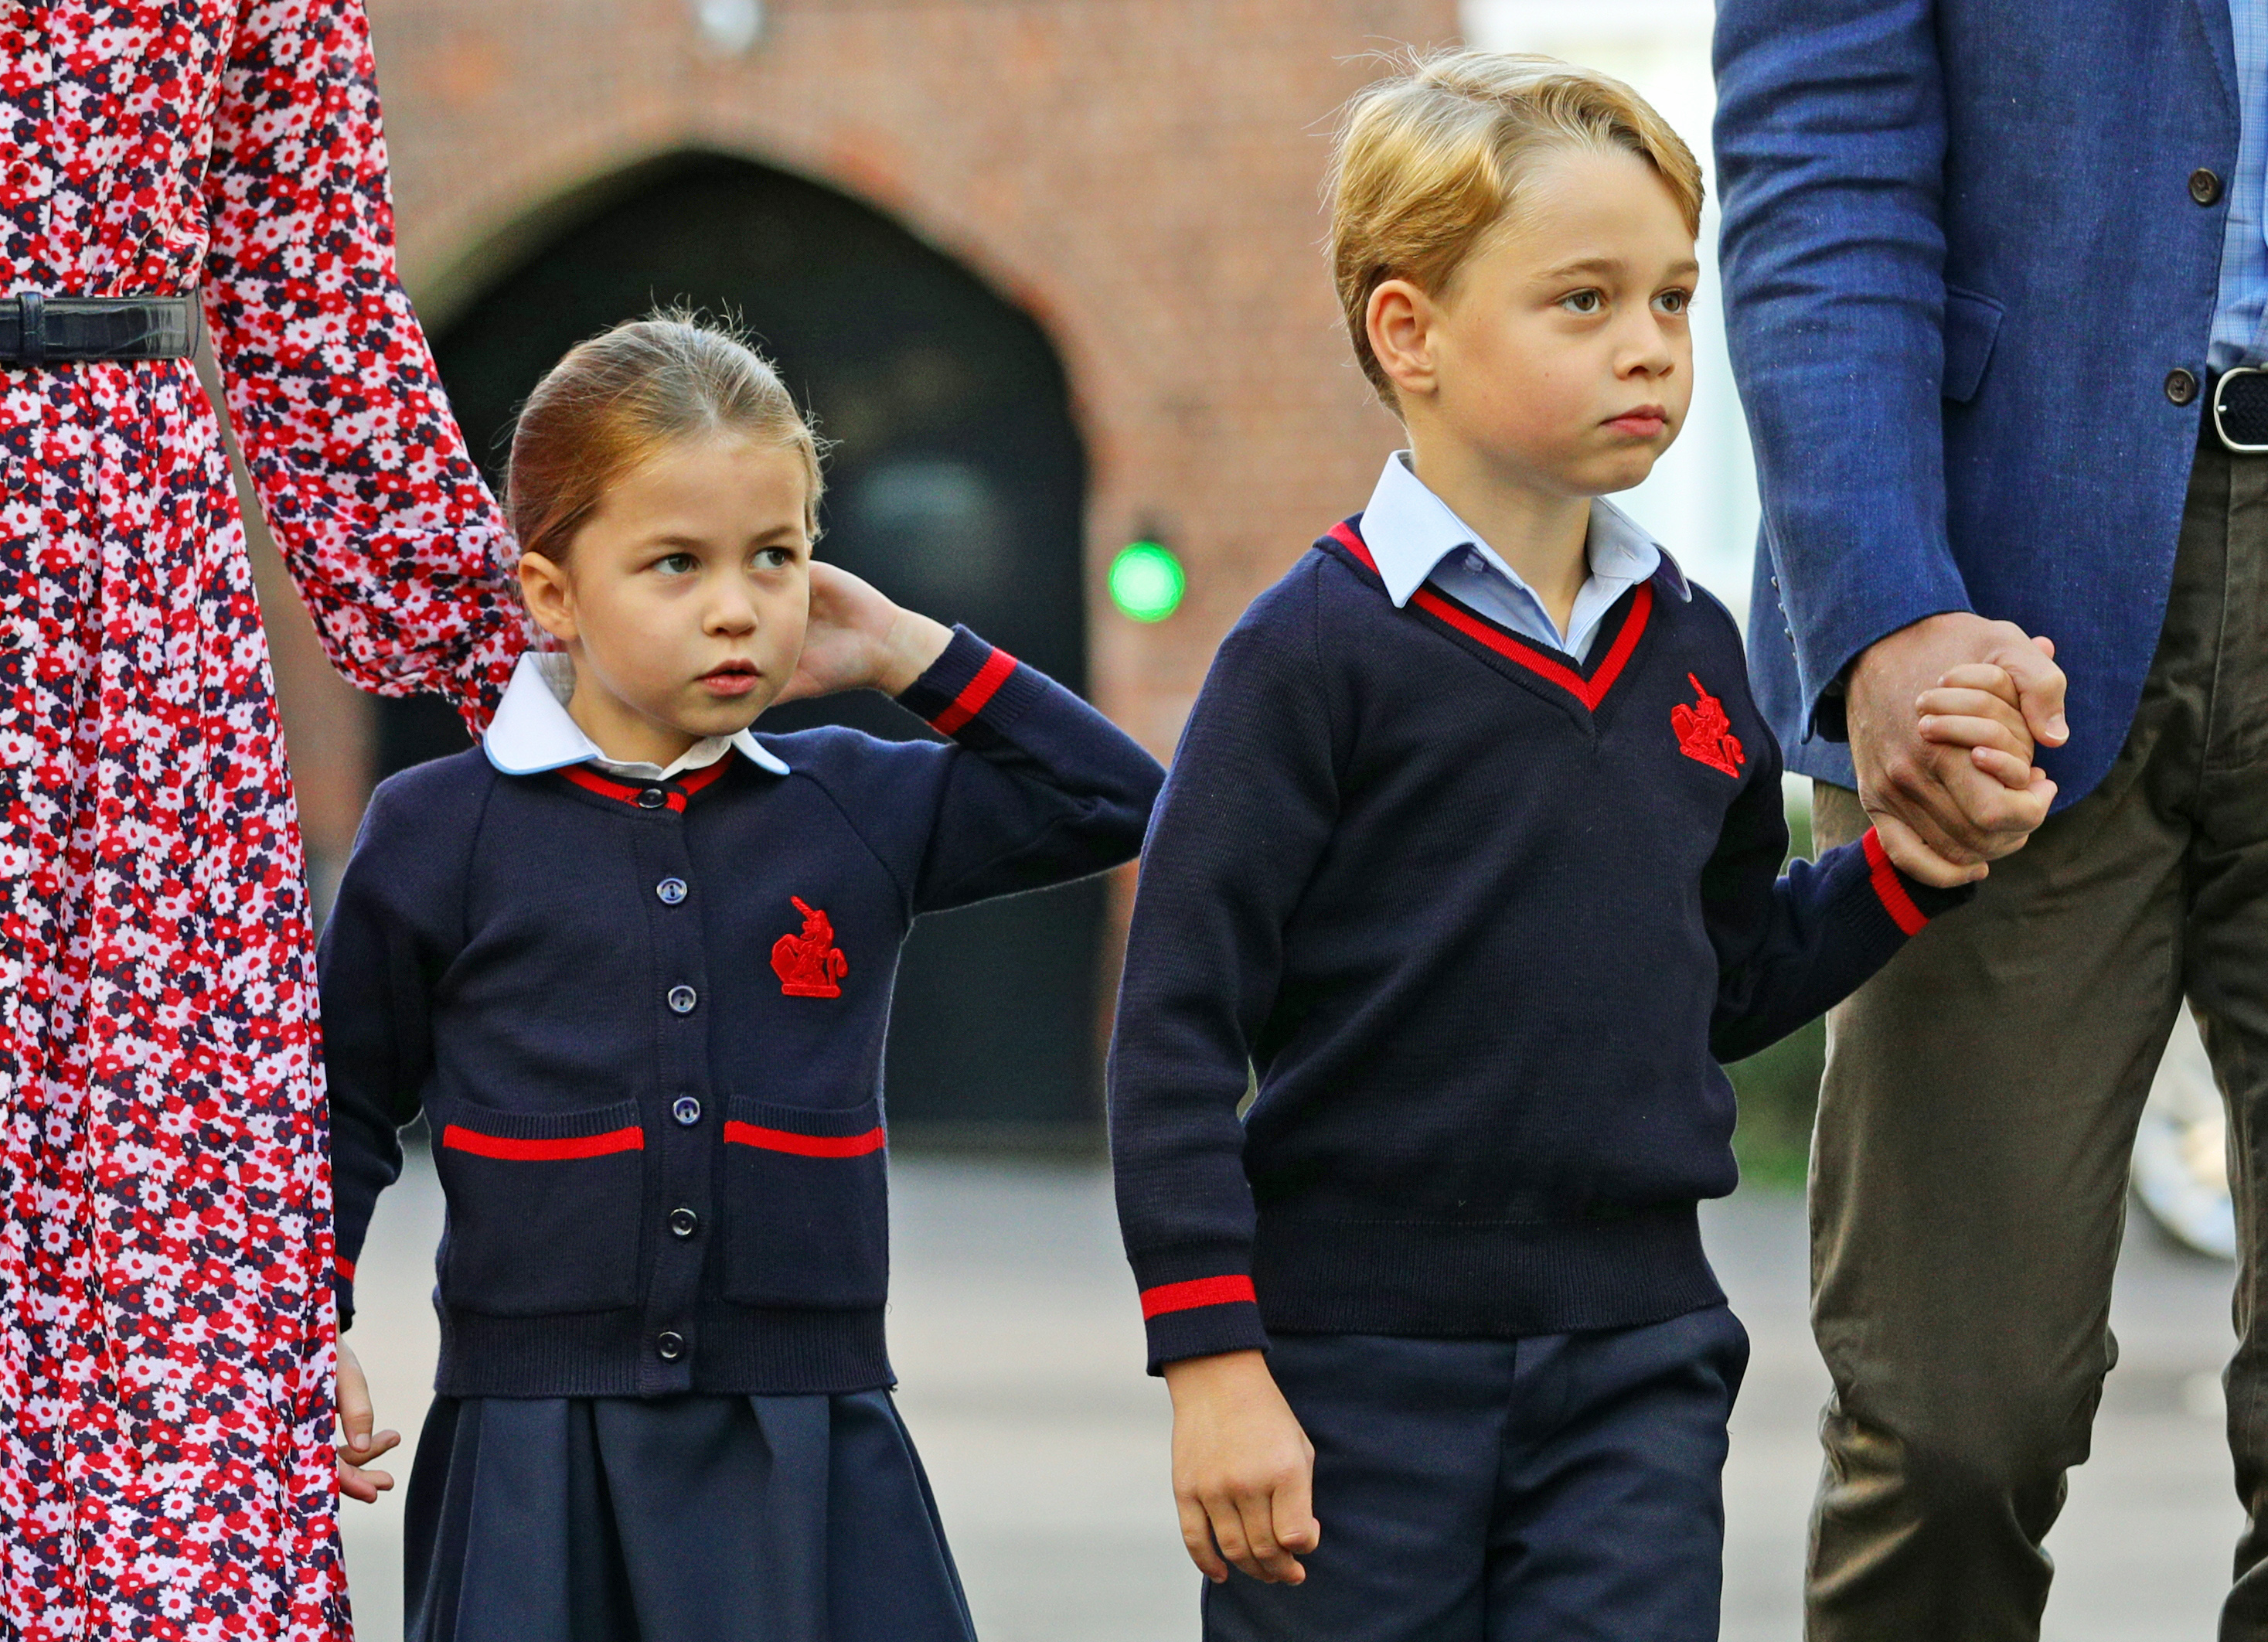 Księżniczka Charlotte poszła do szkoły. Ekspertka czytała z ruchu ...